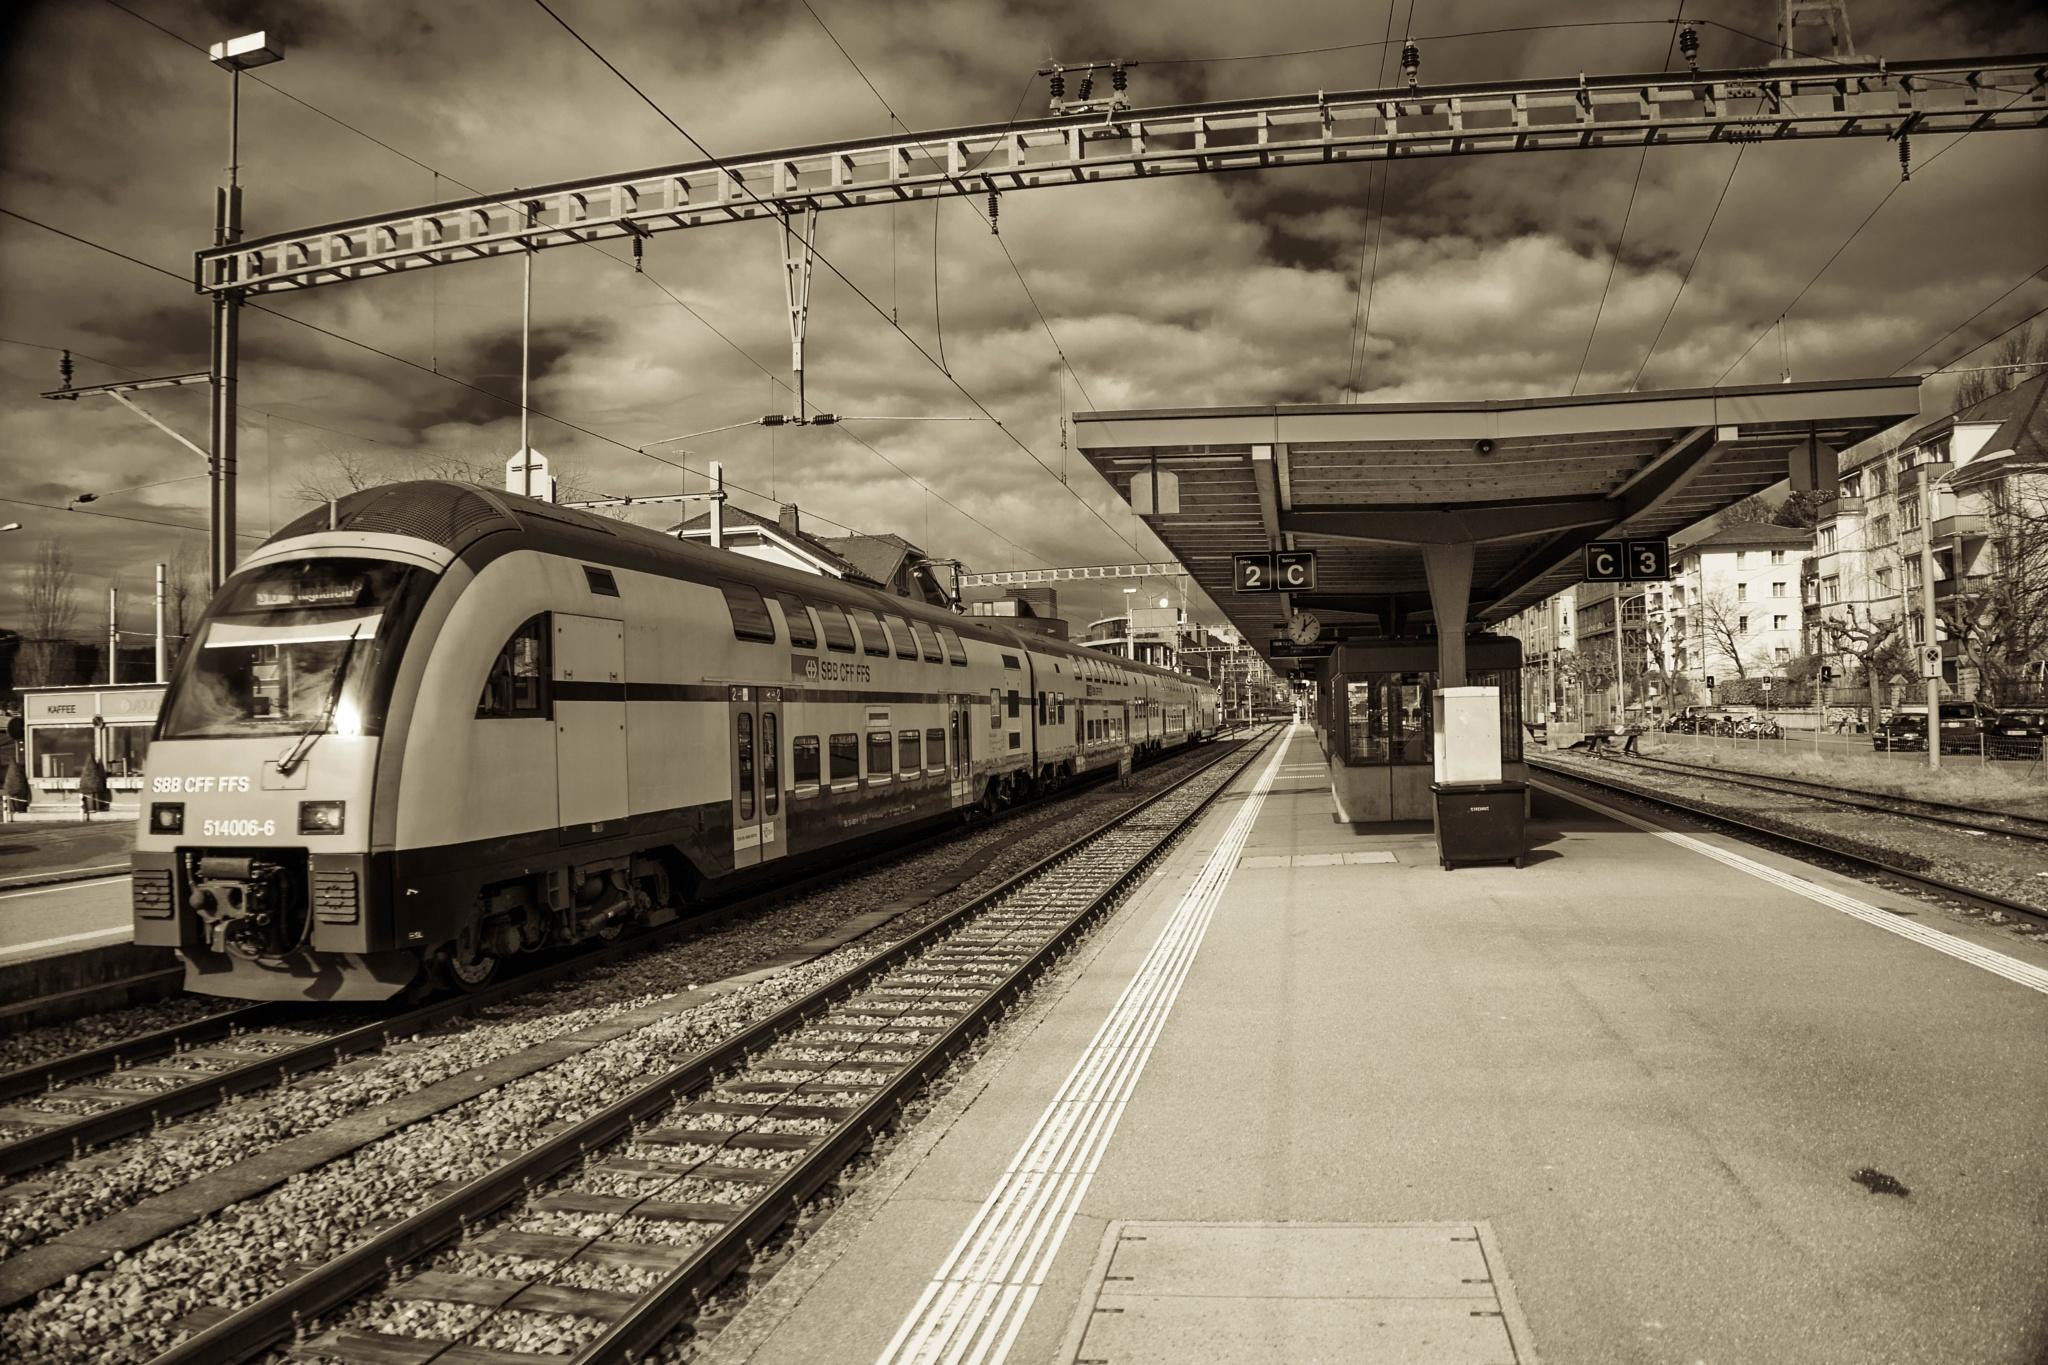 Bahnhof Tiefenbrunnen by Hansjuerg Buehler